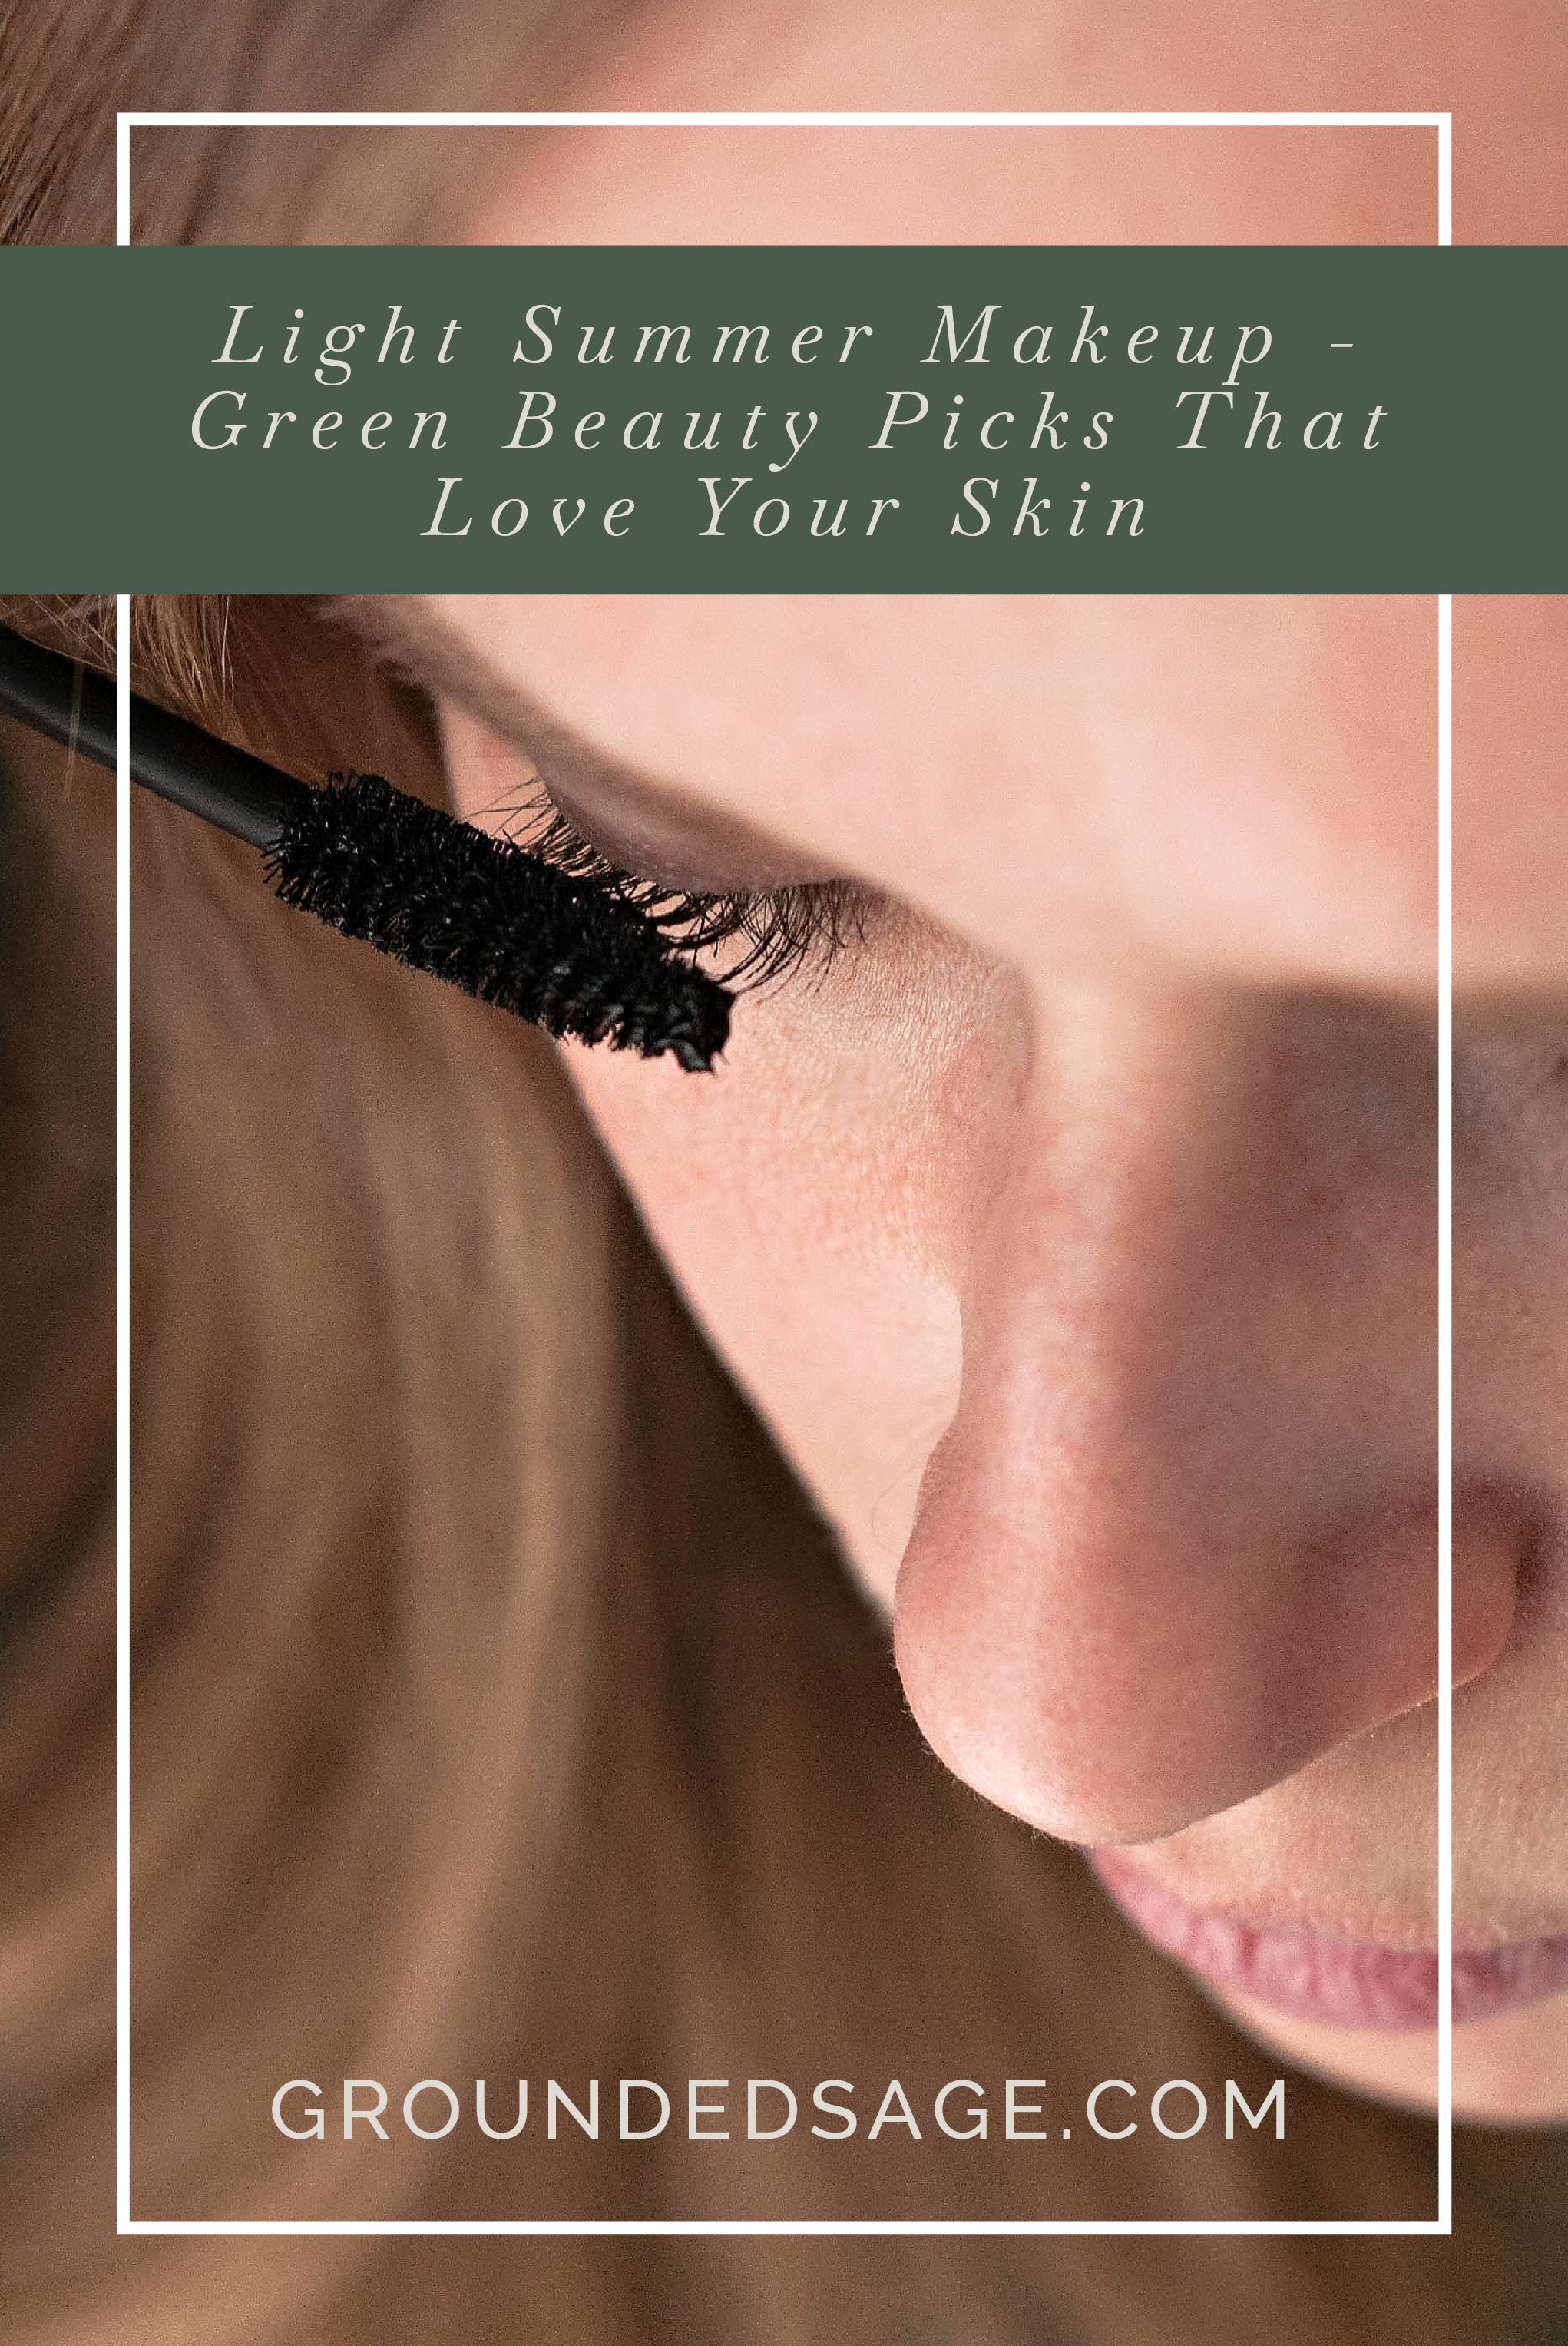 Light Summer Makeup Green Beauty Picks That Love Your